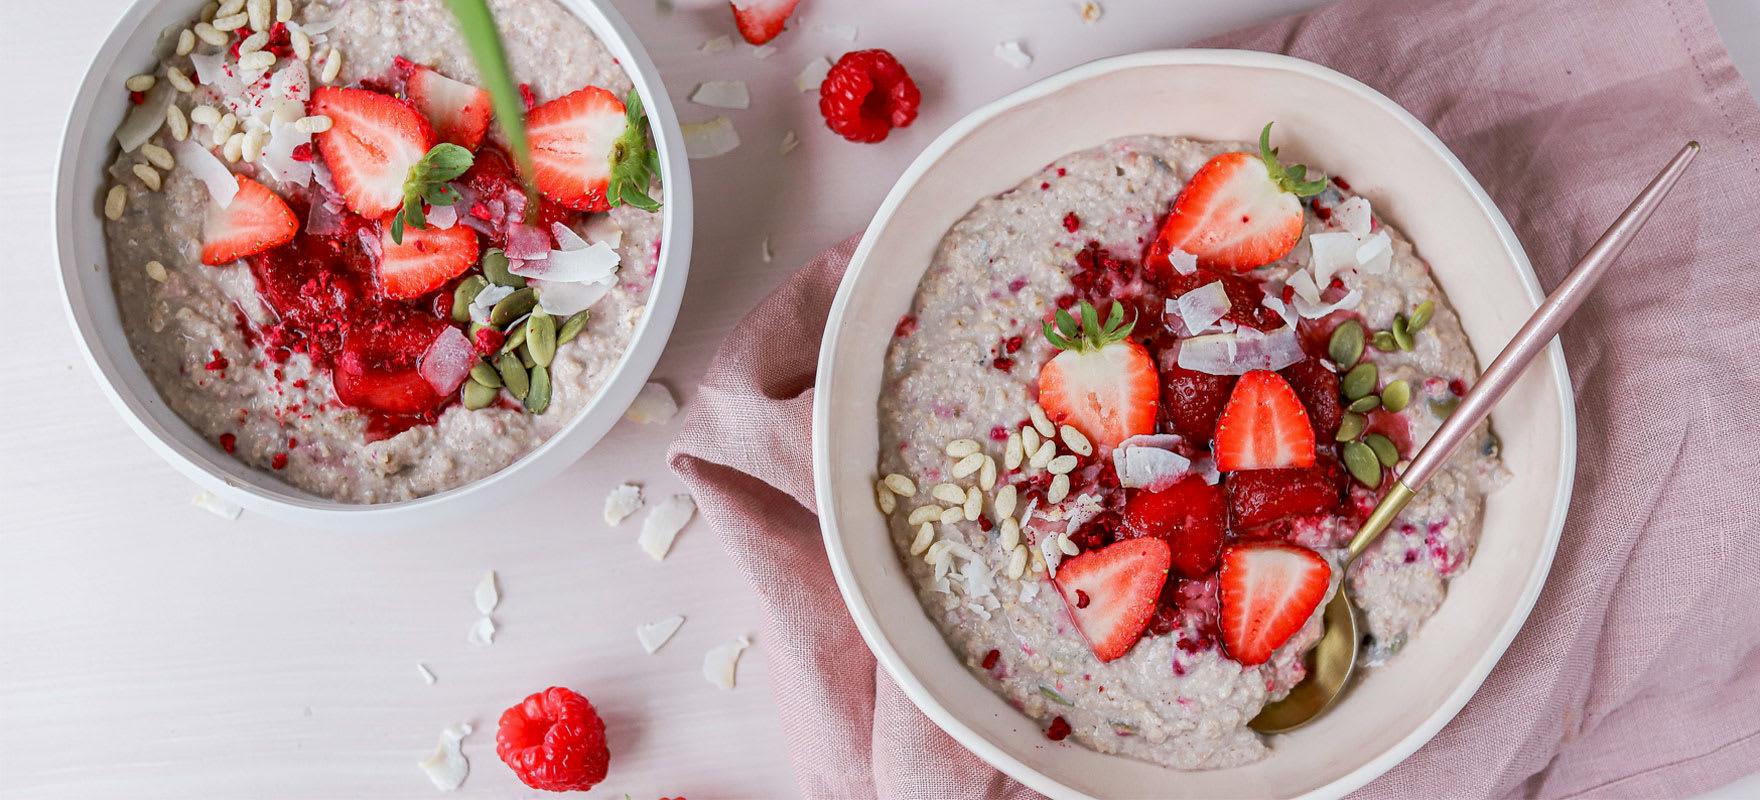 Quinoa porridge with pistachio crumb image 1